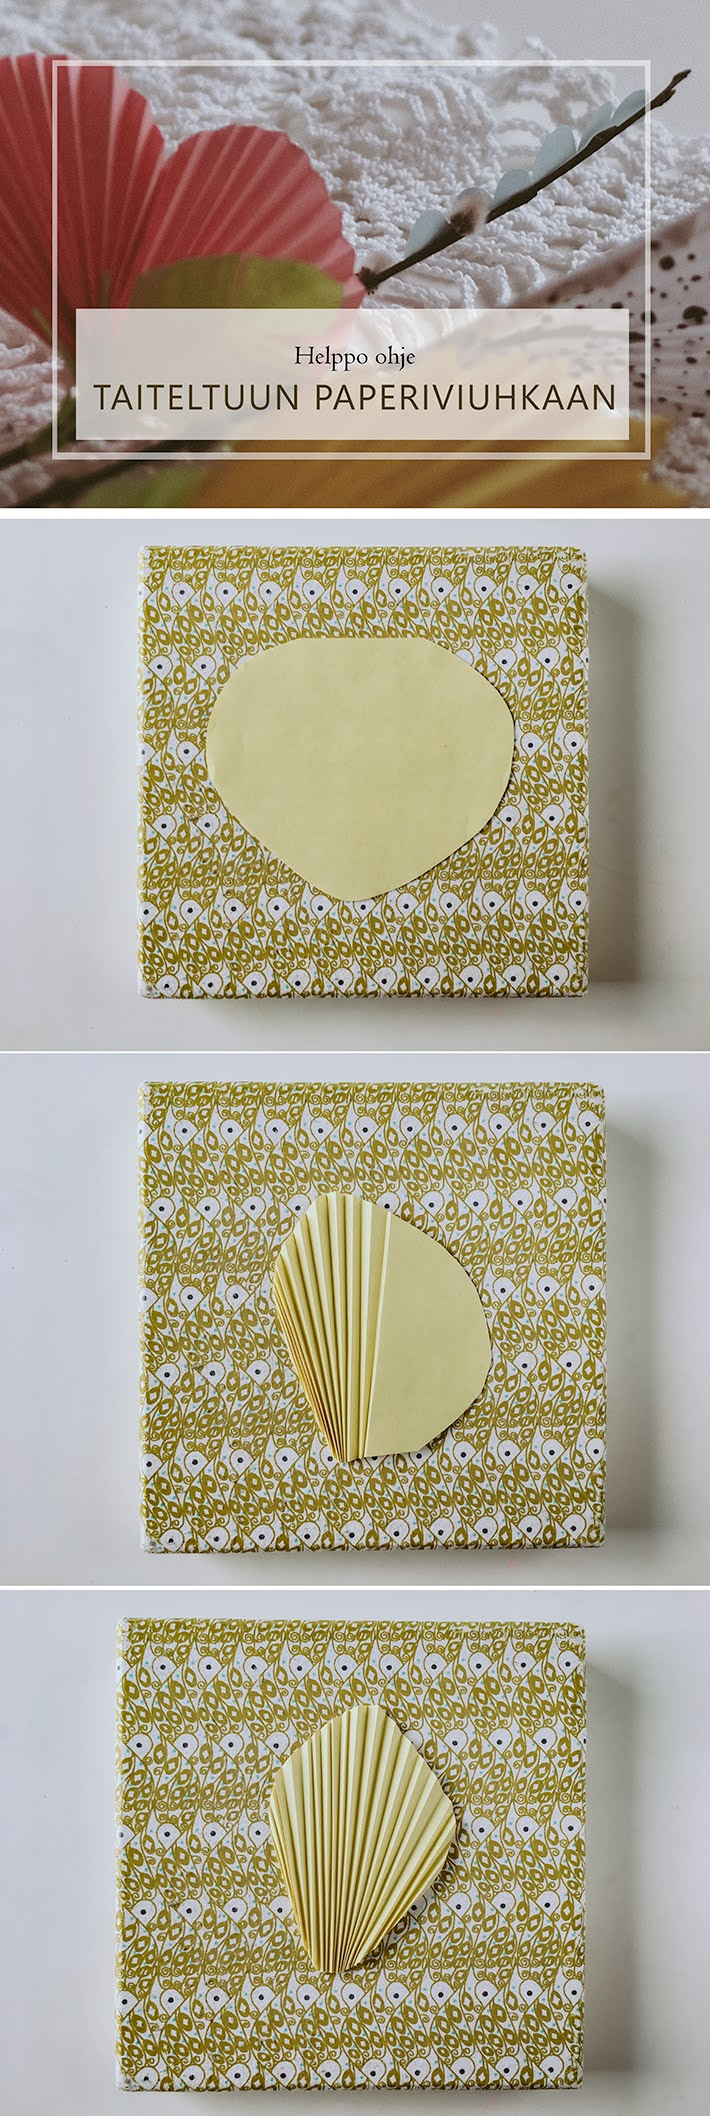 Ohje paperiseen viuhkaan